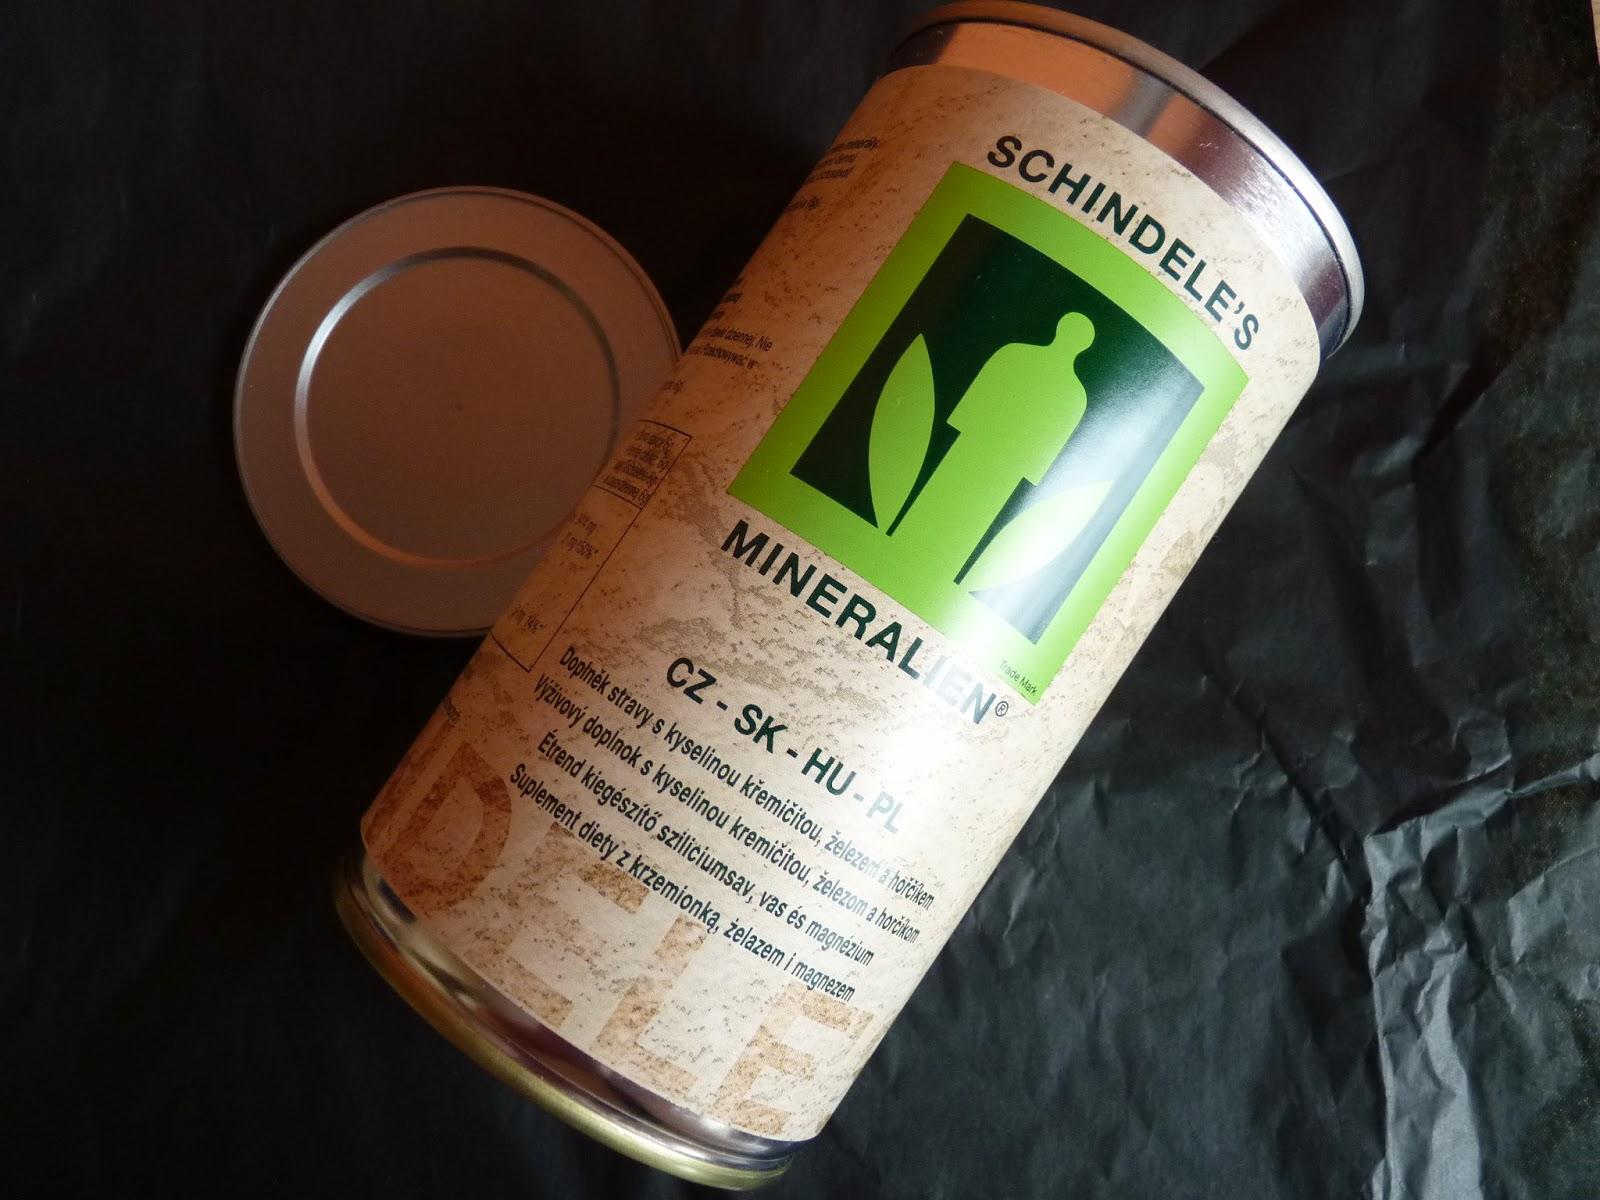 Minerały Schindele's – suplement diety wart każdej złotówki